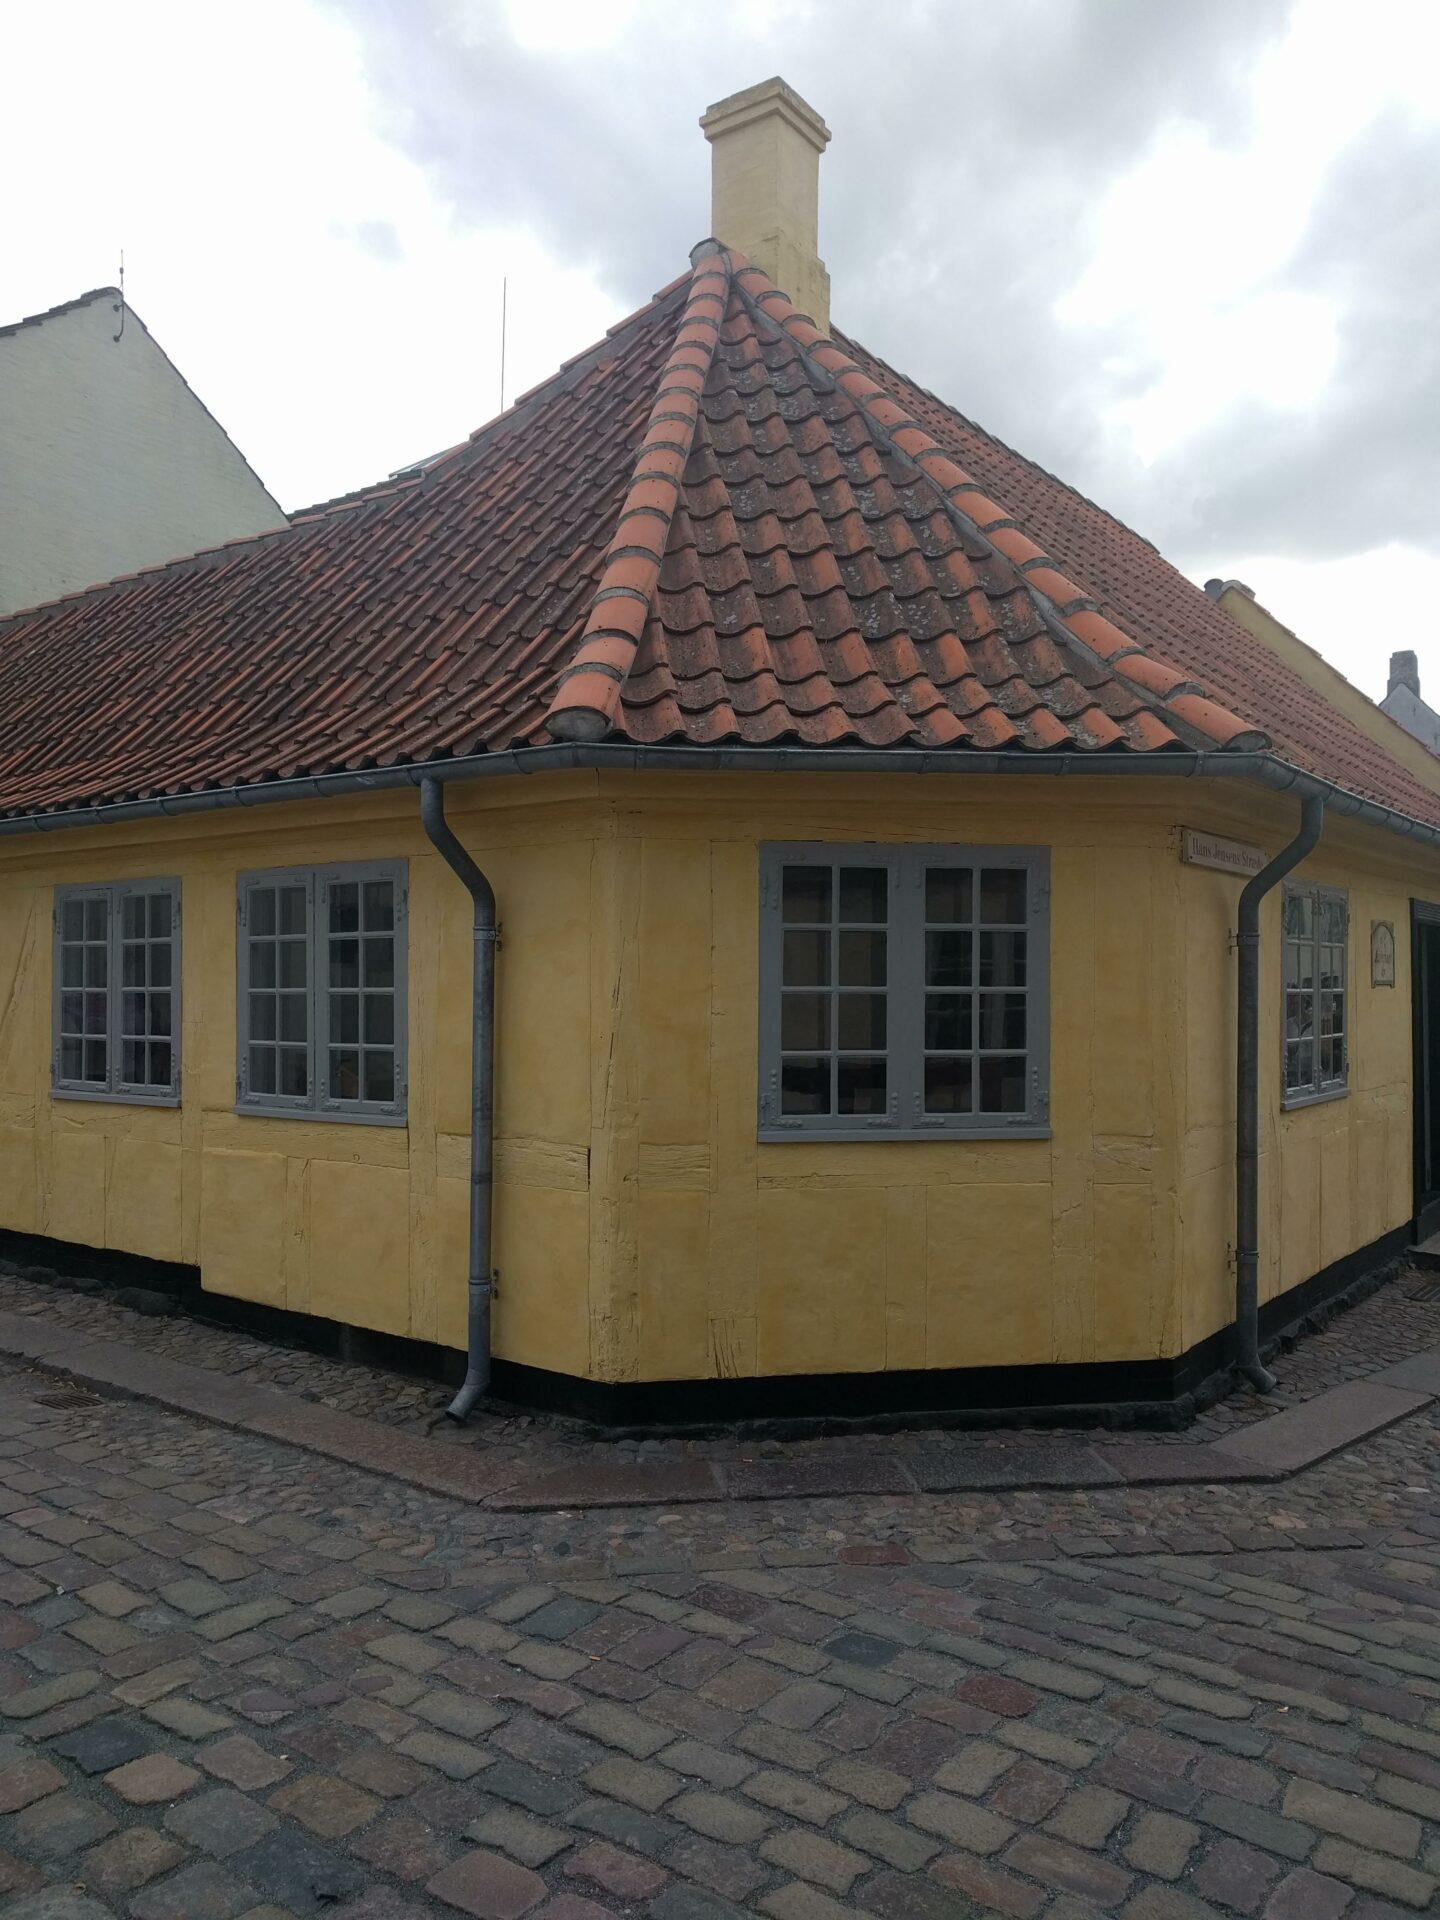 Het geboortehuis van H.C. Andersen in Odense